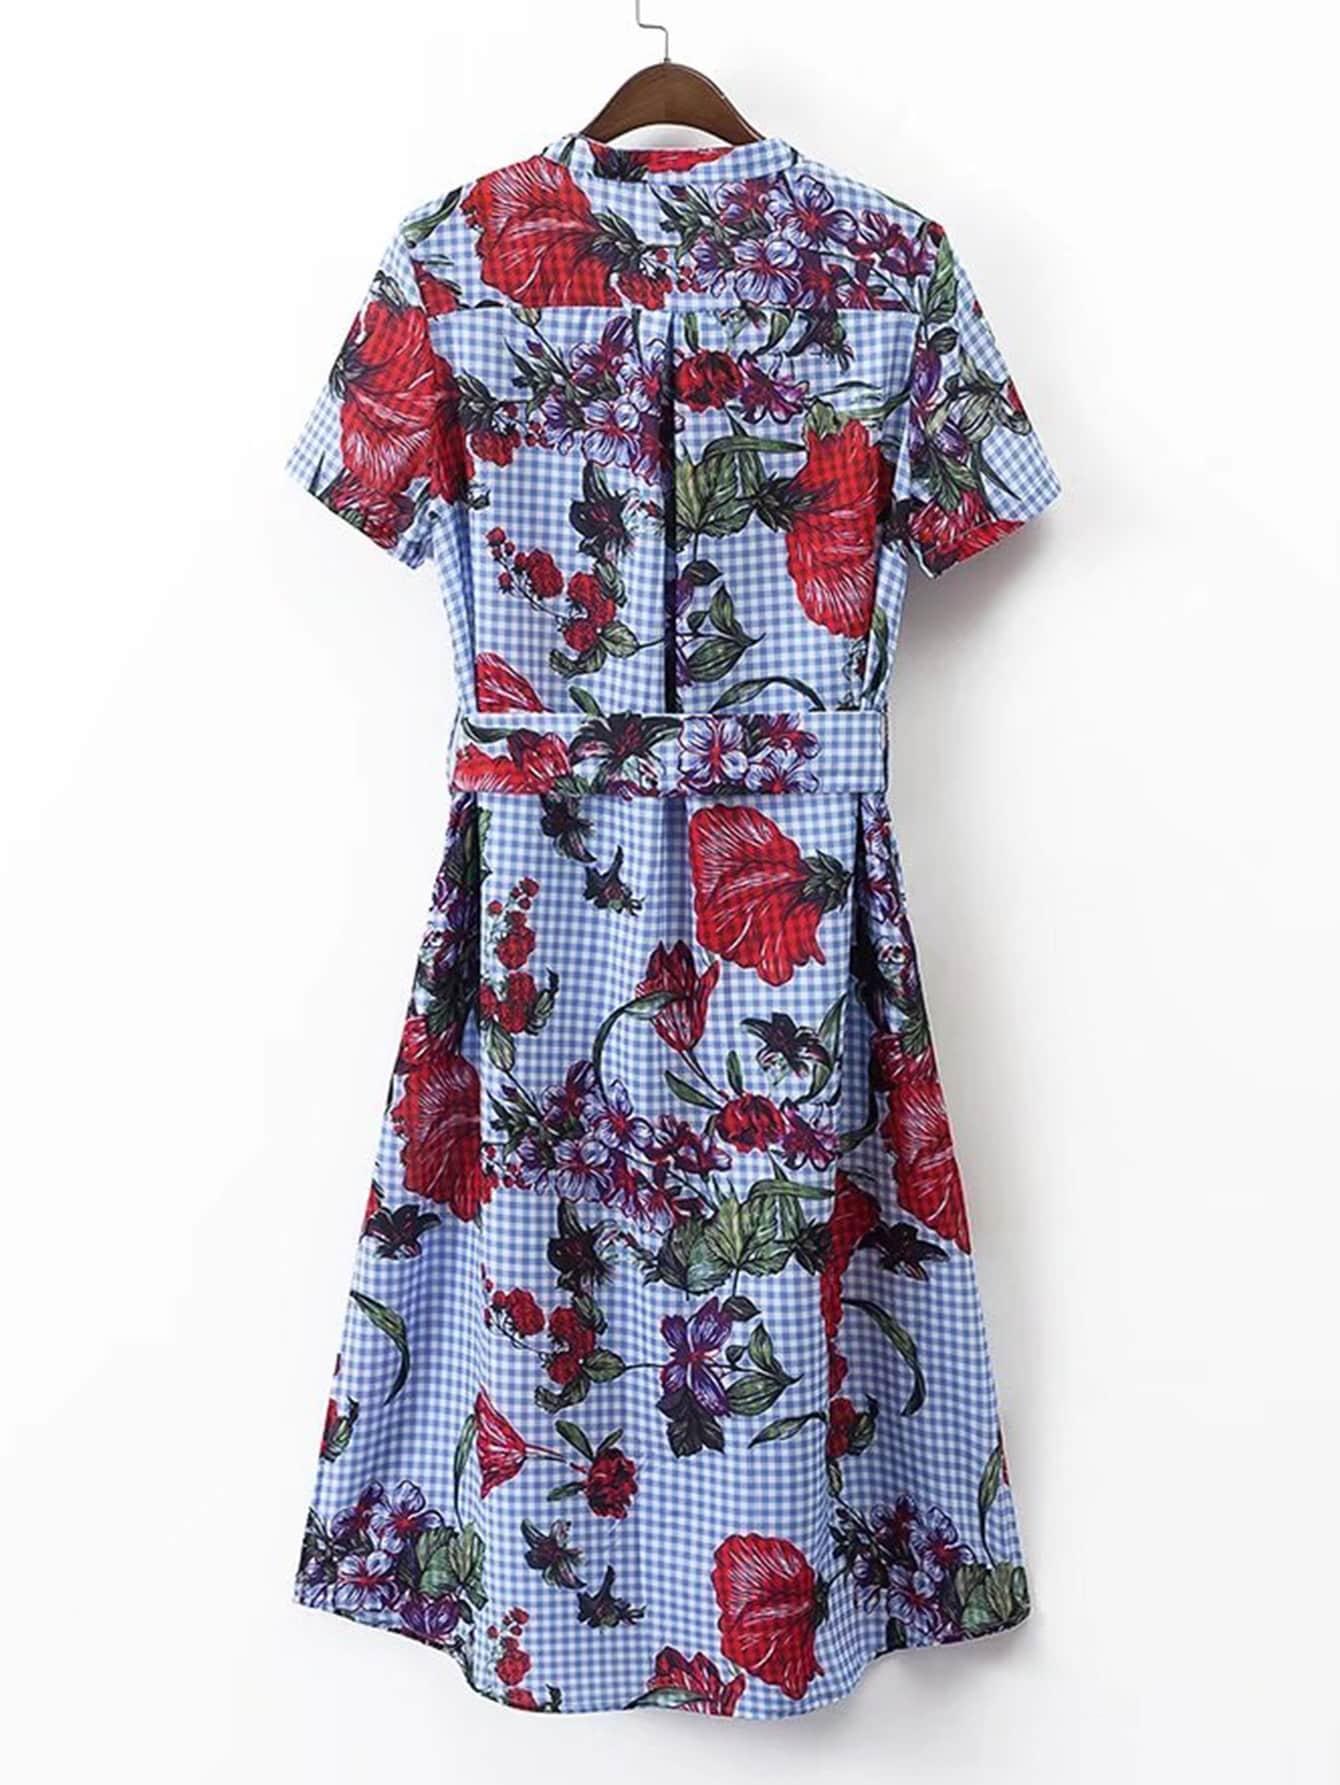 dress170505202_2